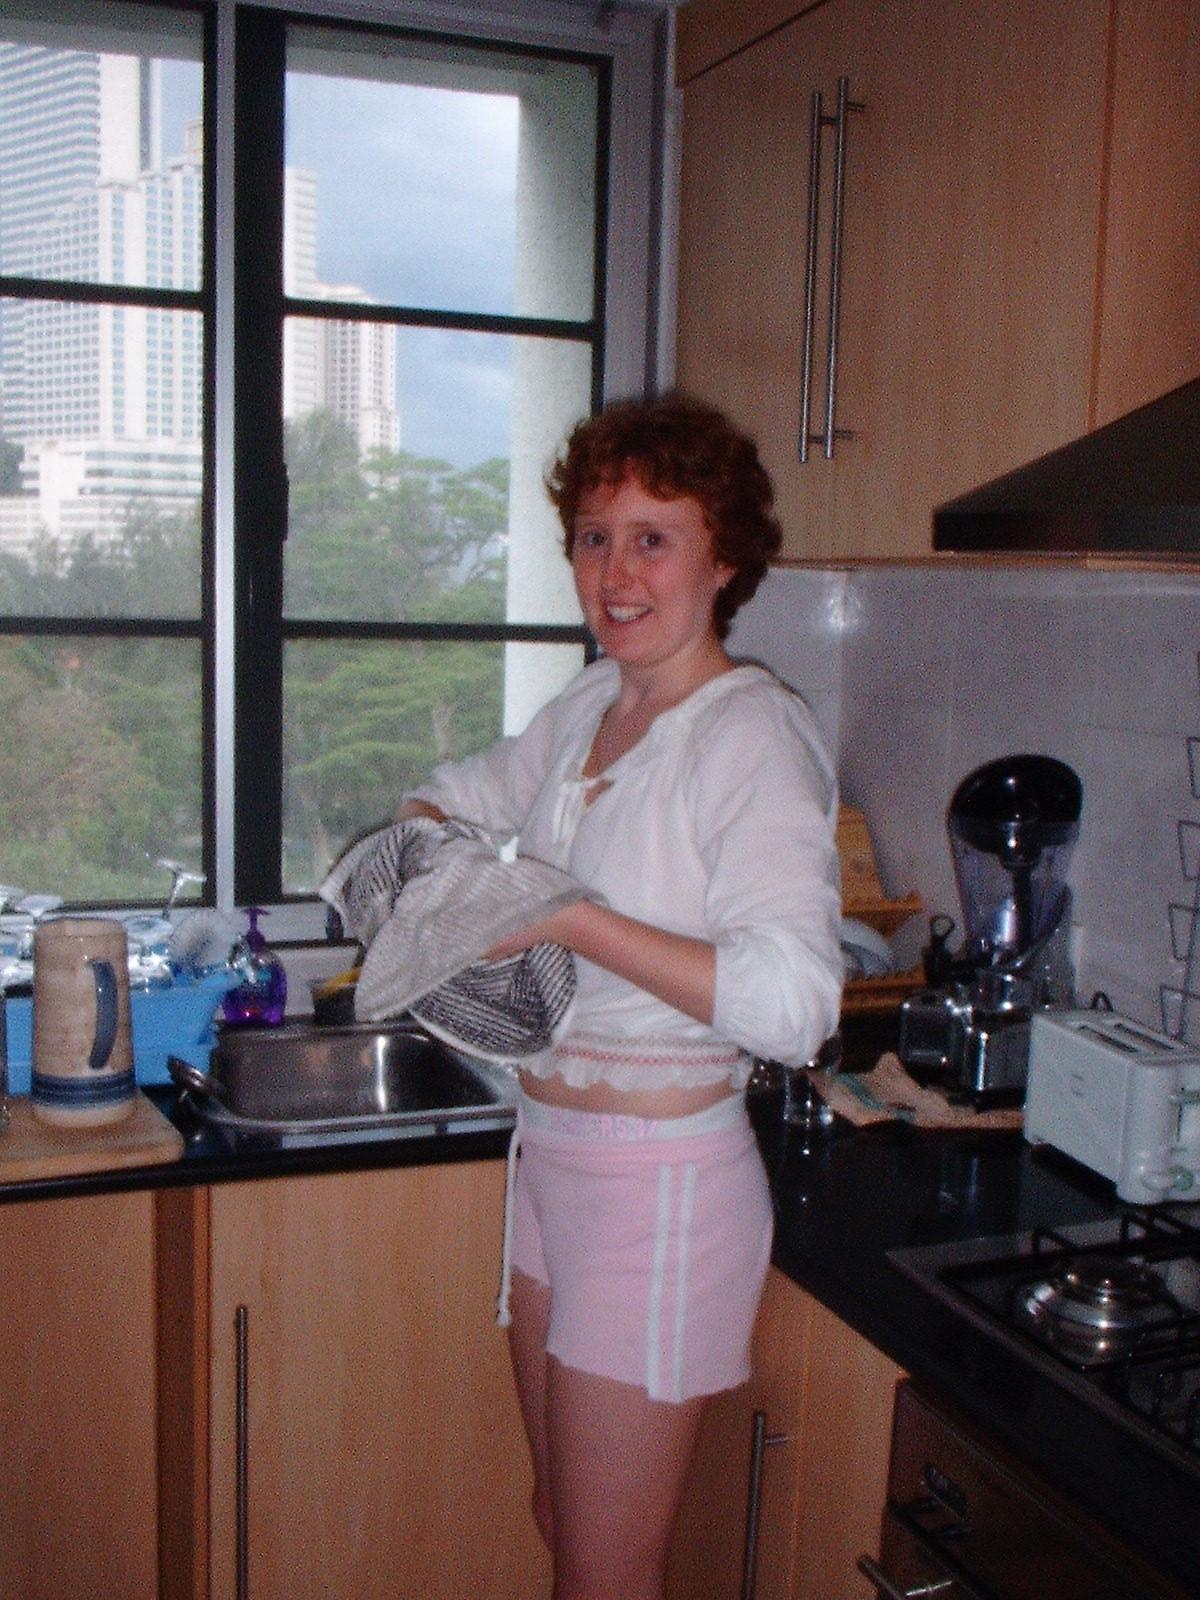 micheals-kitchen-overlooking-kuala lumpur.jpg